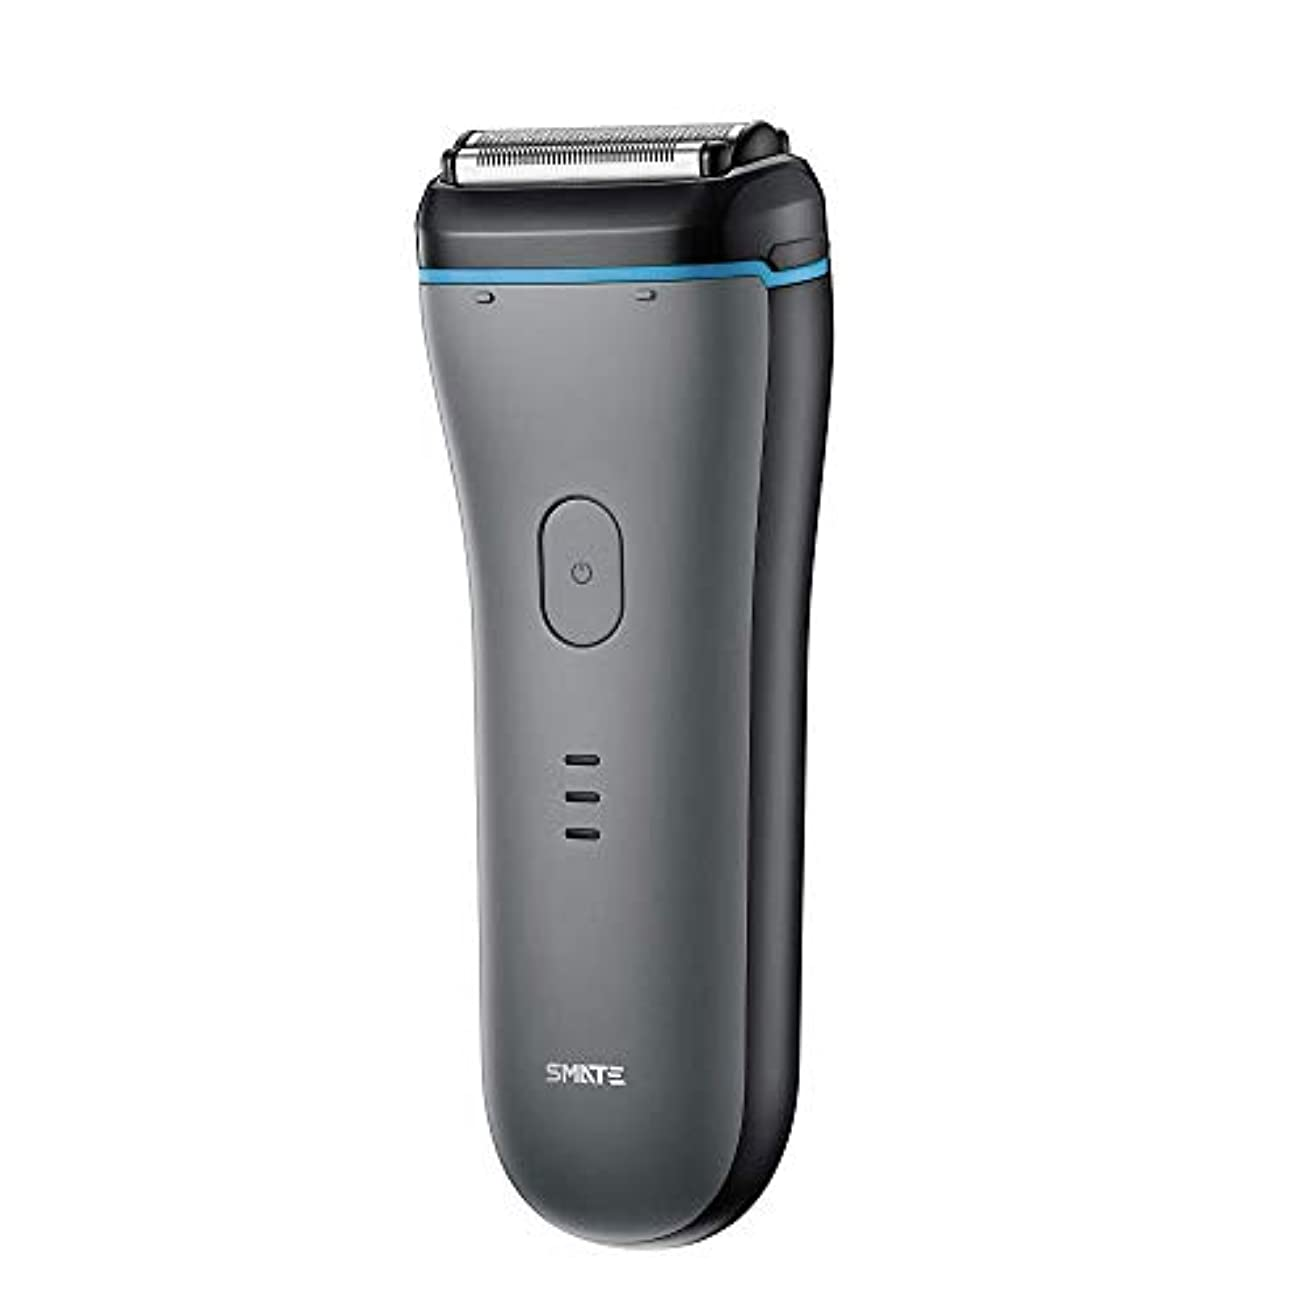 大胆な不運偉業SMATE ひげそり メンズ電気シェーパー 三枚刃往復式 USB充電式 電動髭剃り IPX7防水仕様 水洗い可 お風呂剃り可 乾湿両用-ブラック